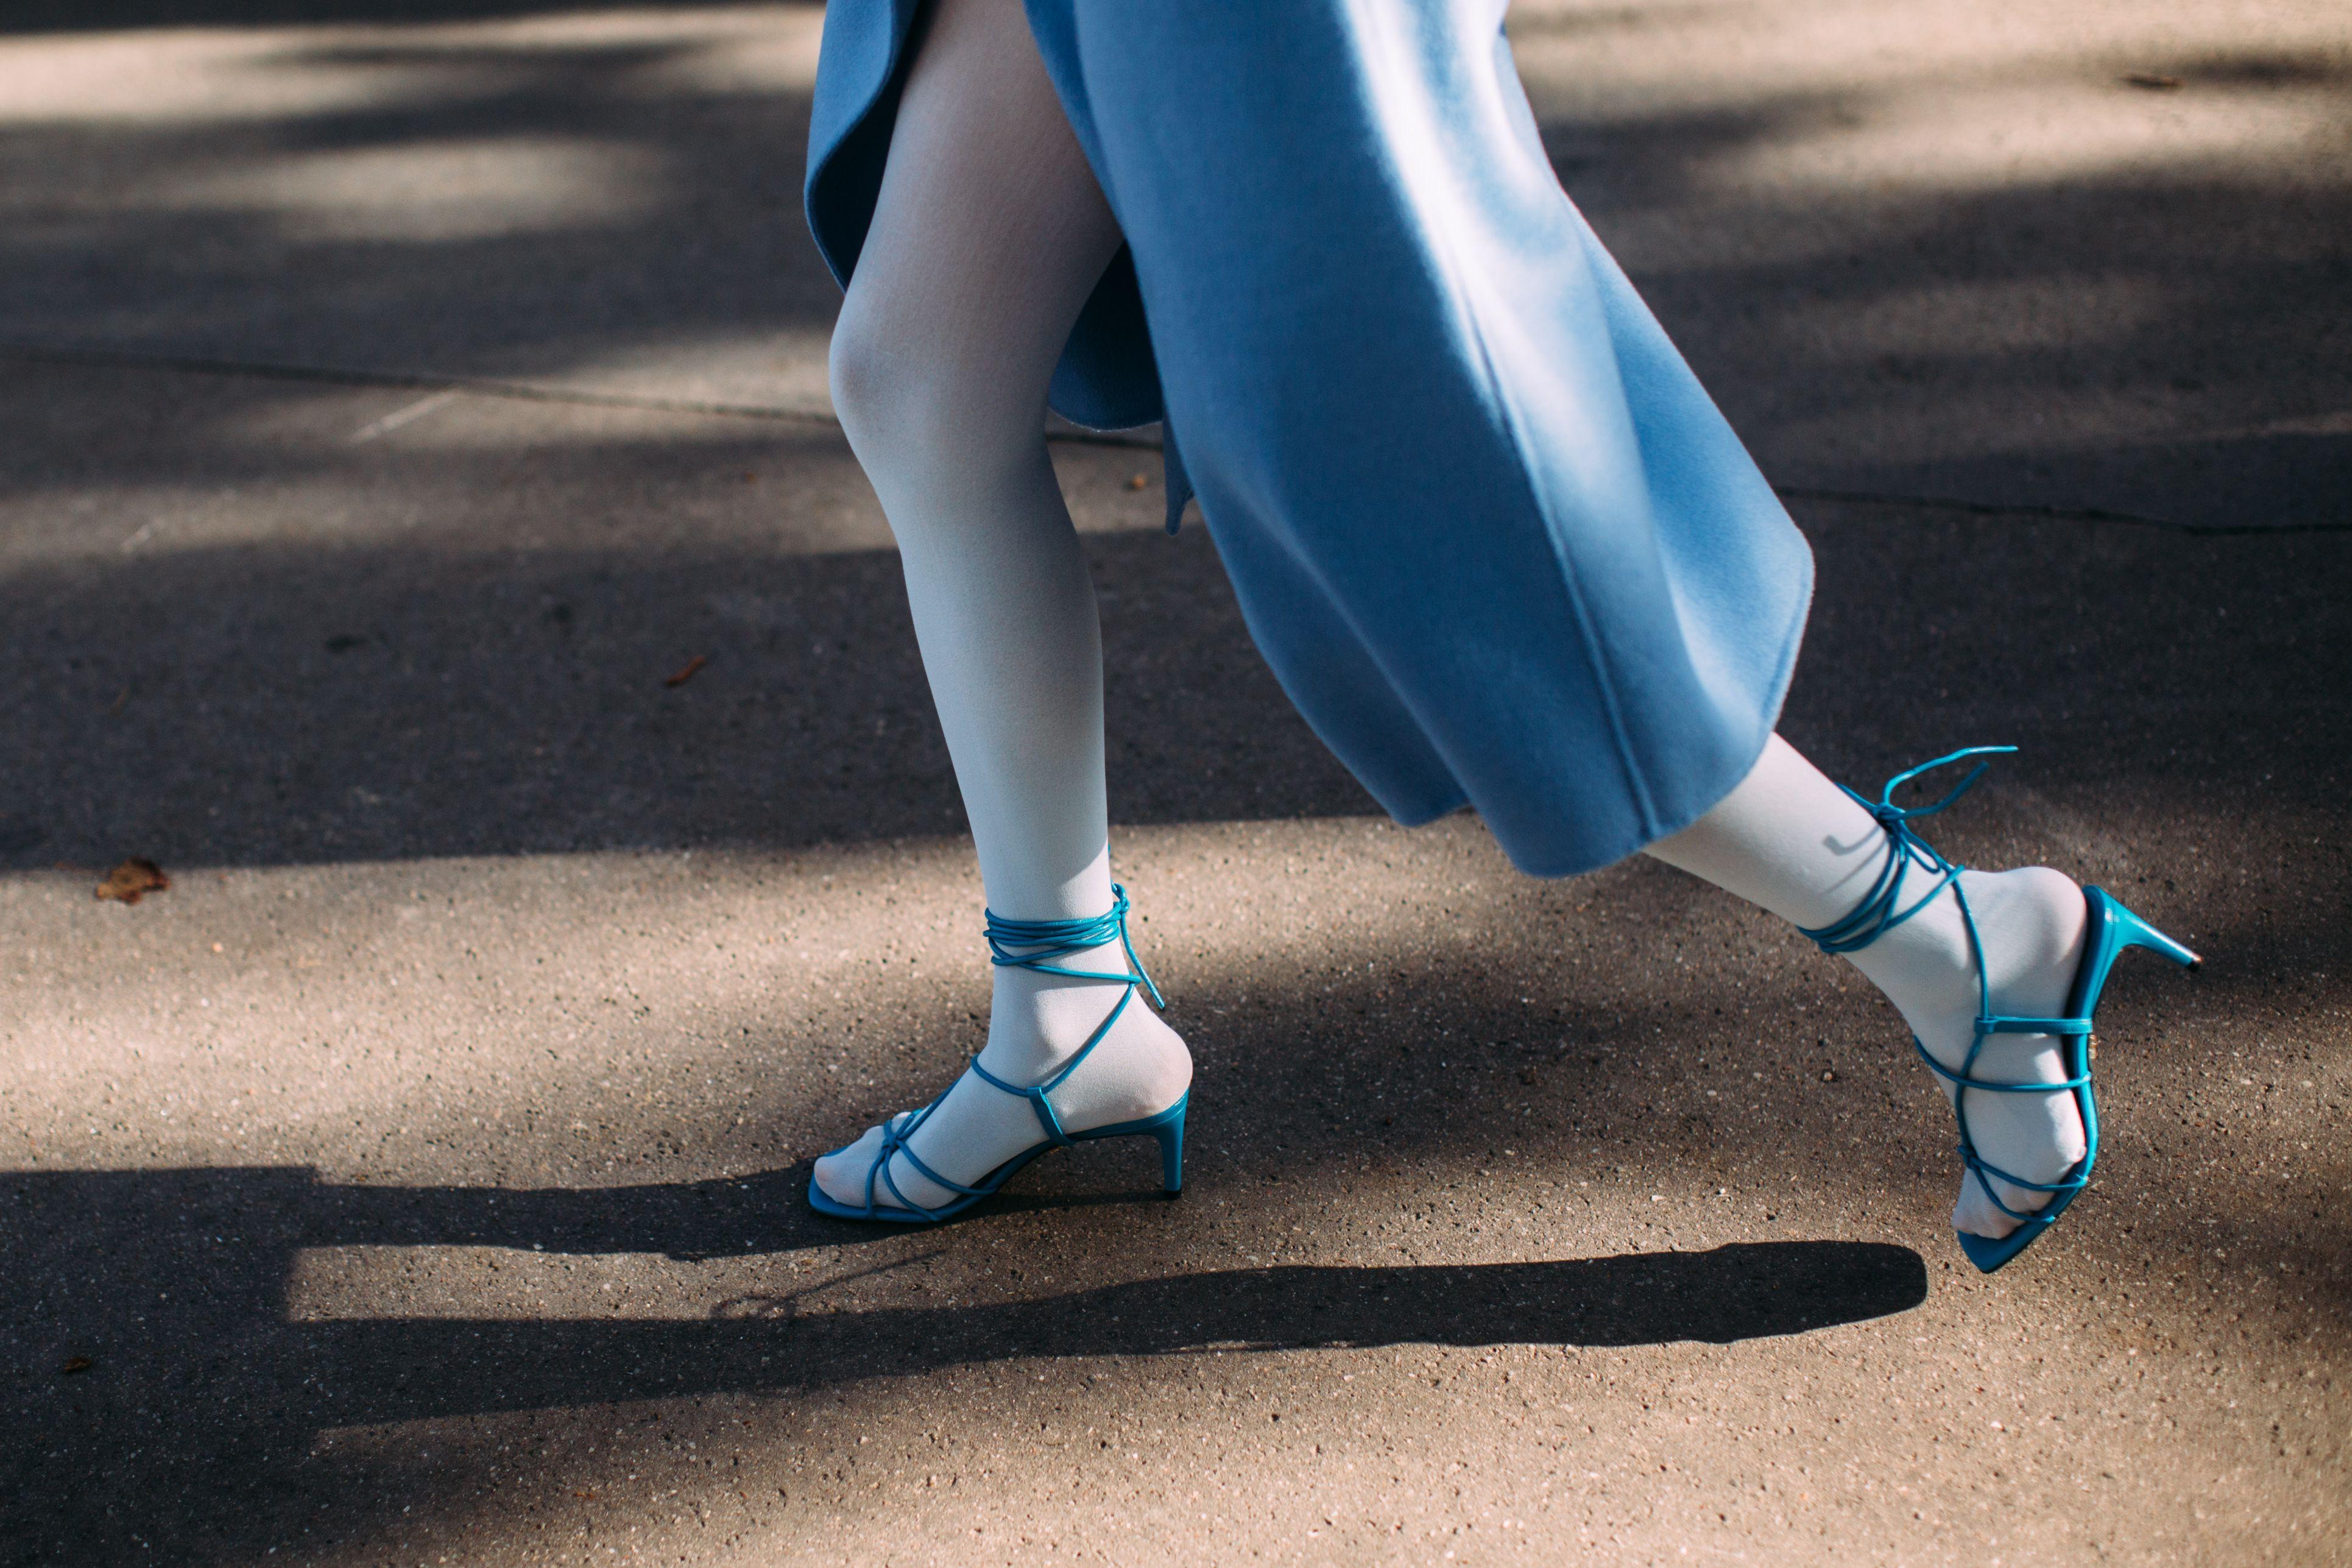 La parabola dei sandali con calzini, scelta di campo, che anche questo autunno torna